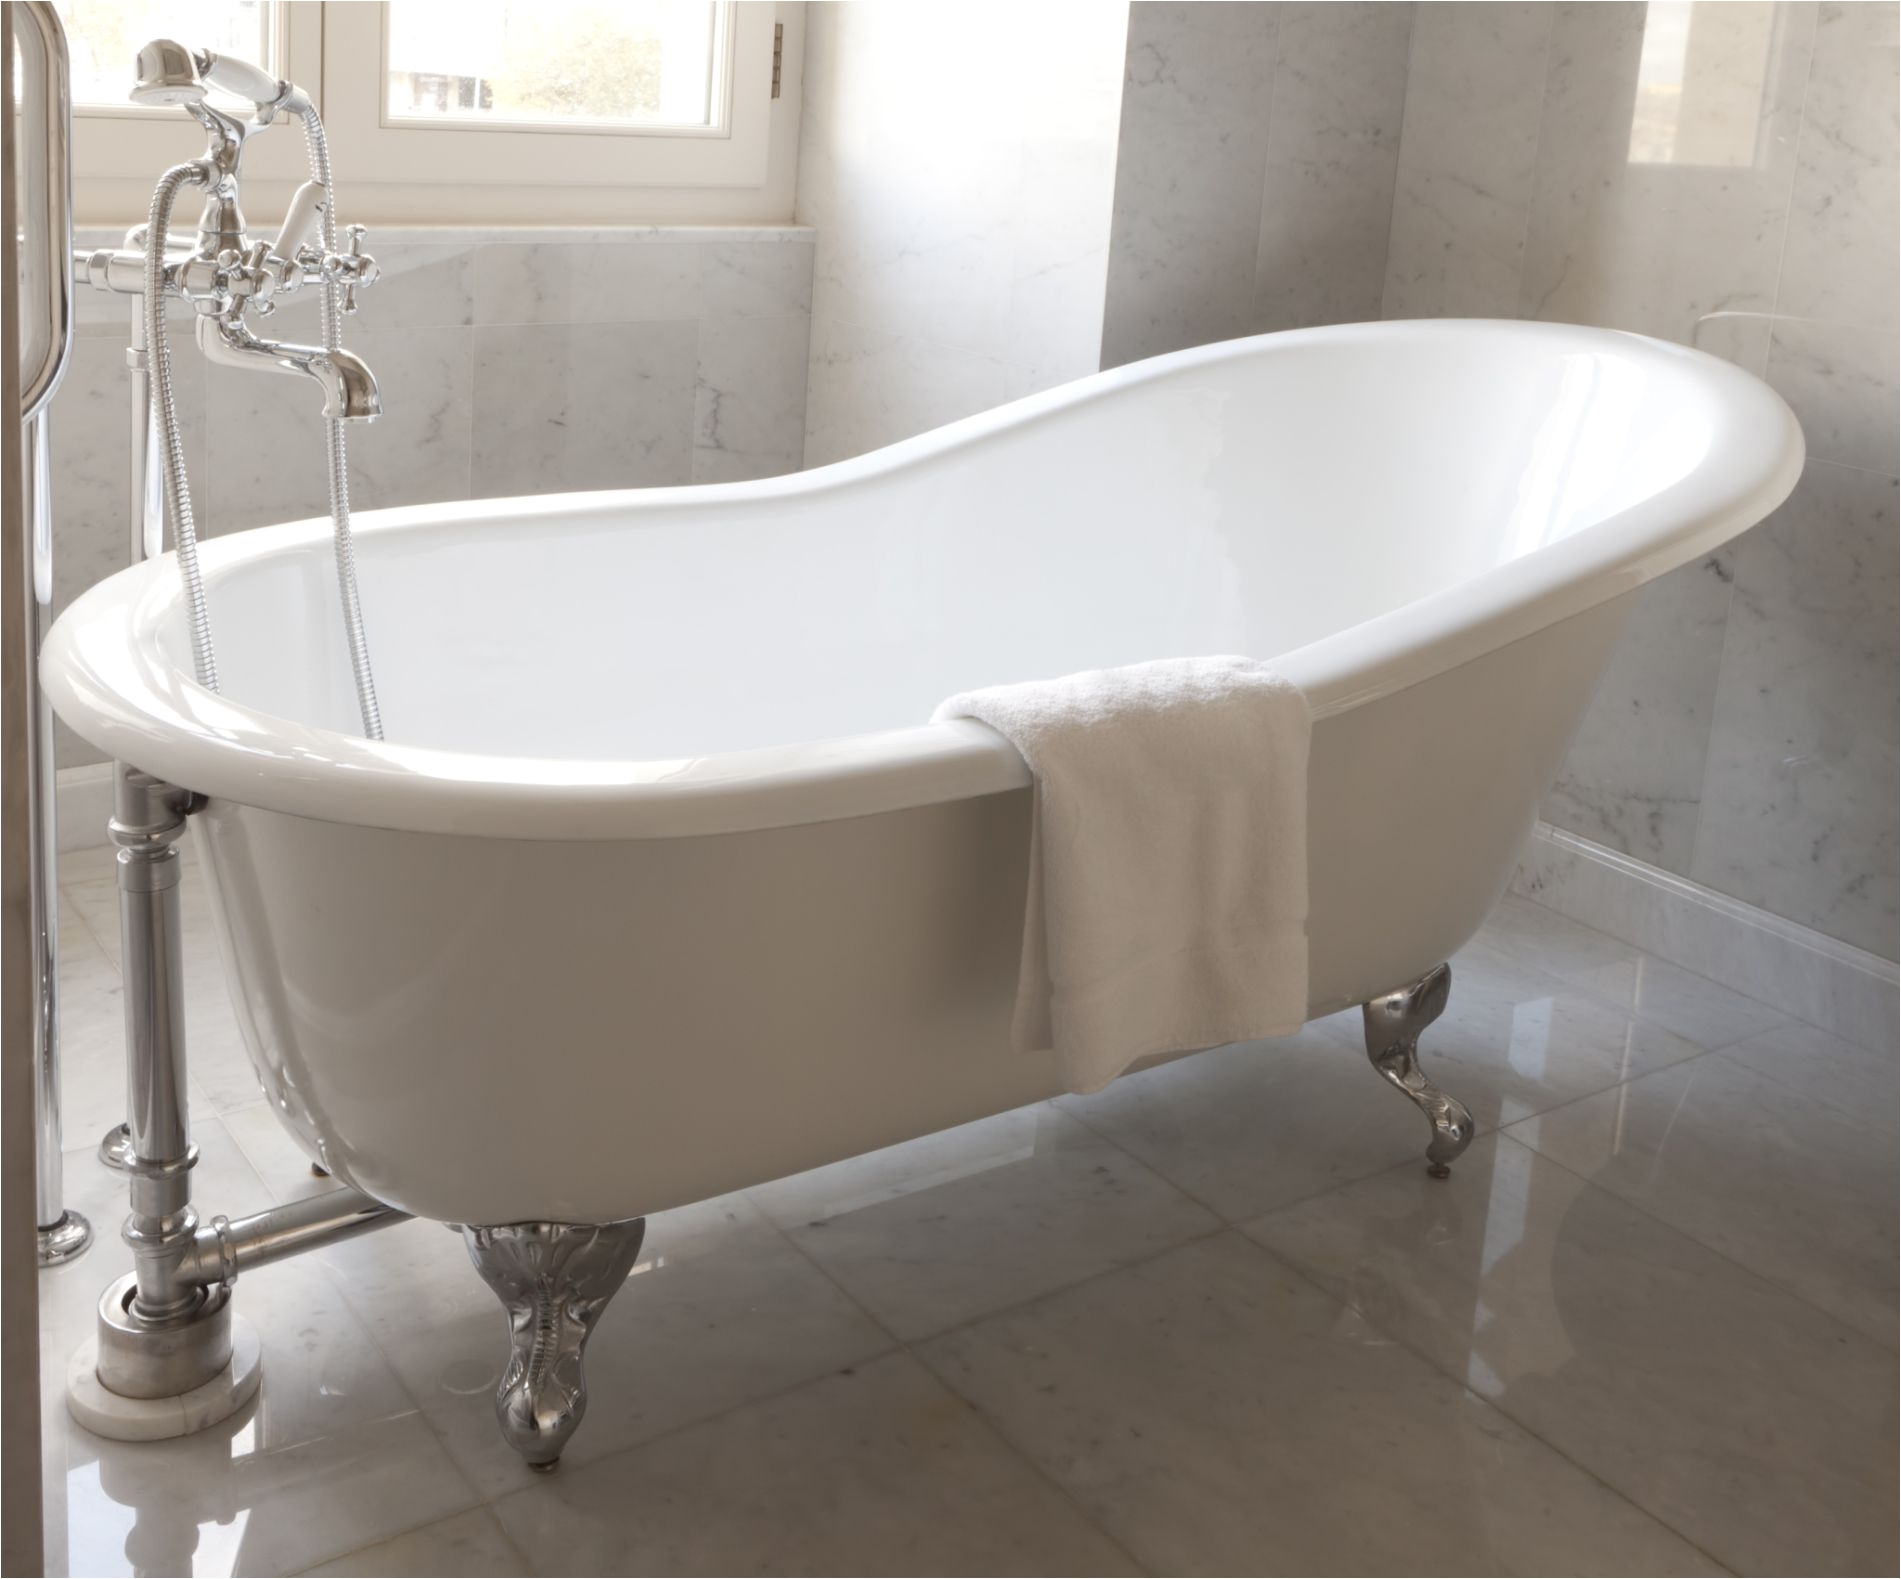 cast iron clawfoot bathtub 184336054 56a4a1865f9b58b7d0d7e676